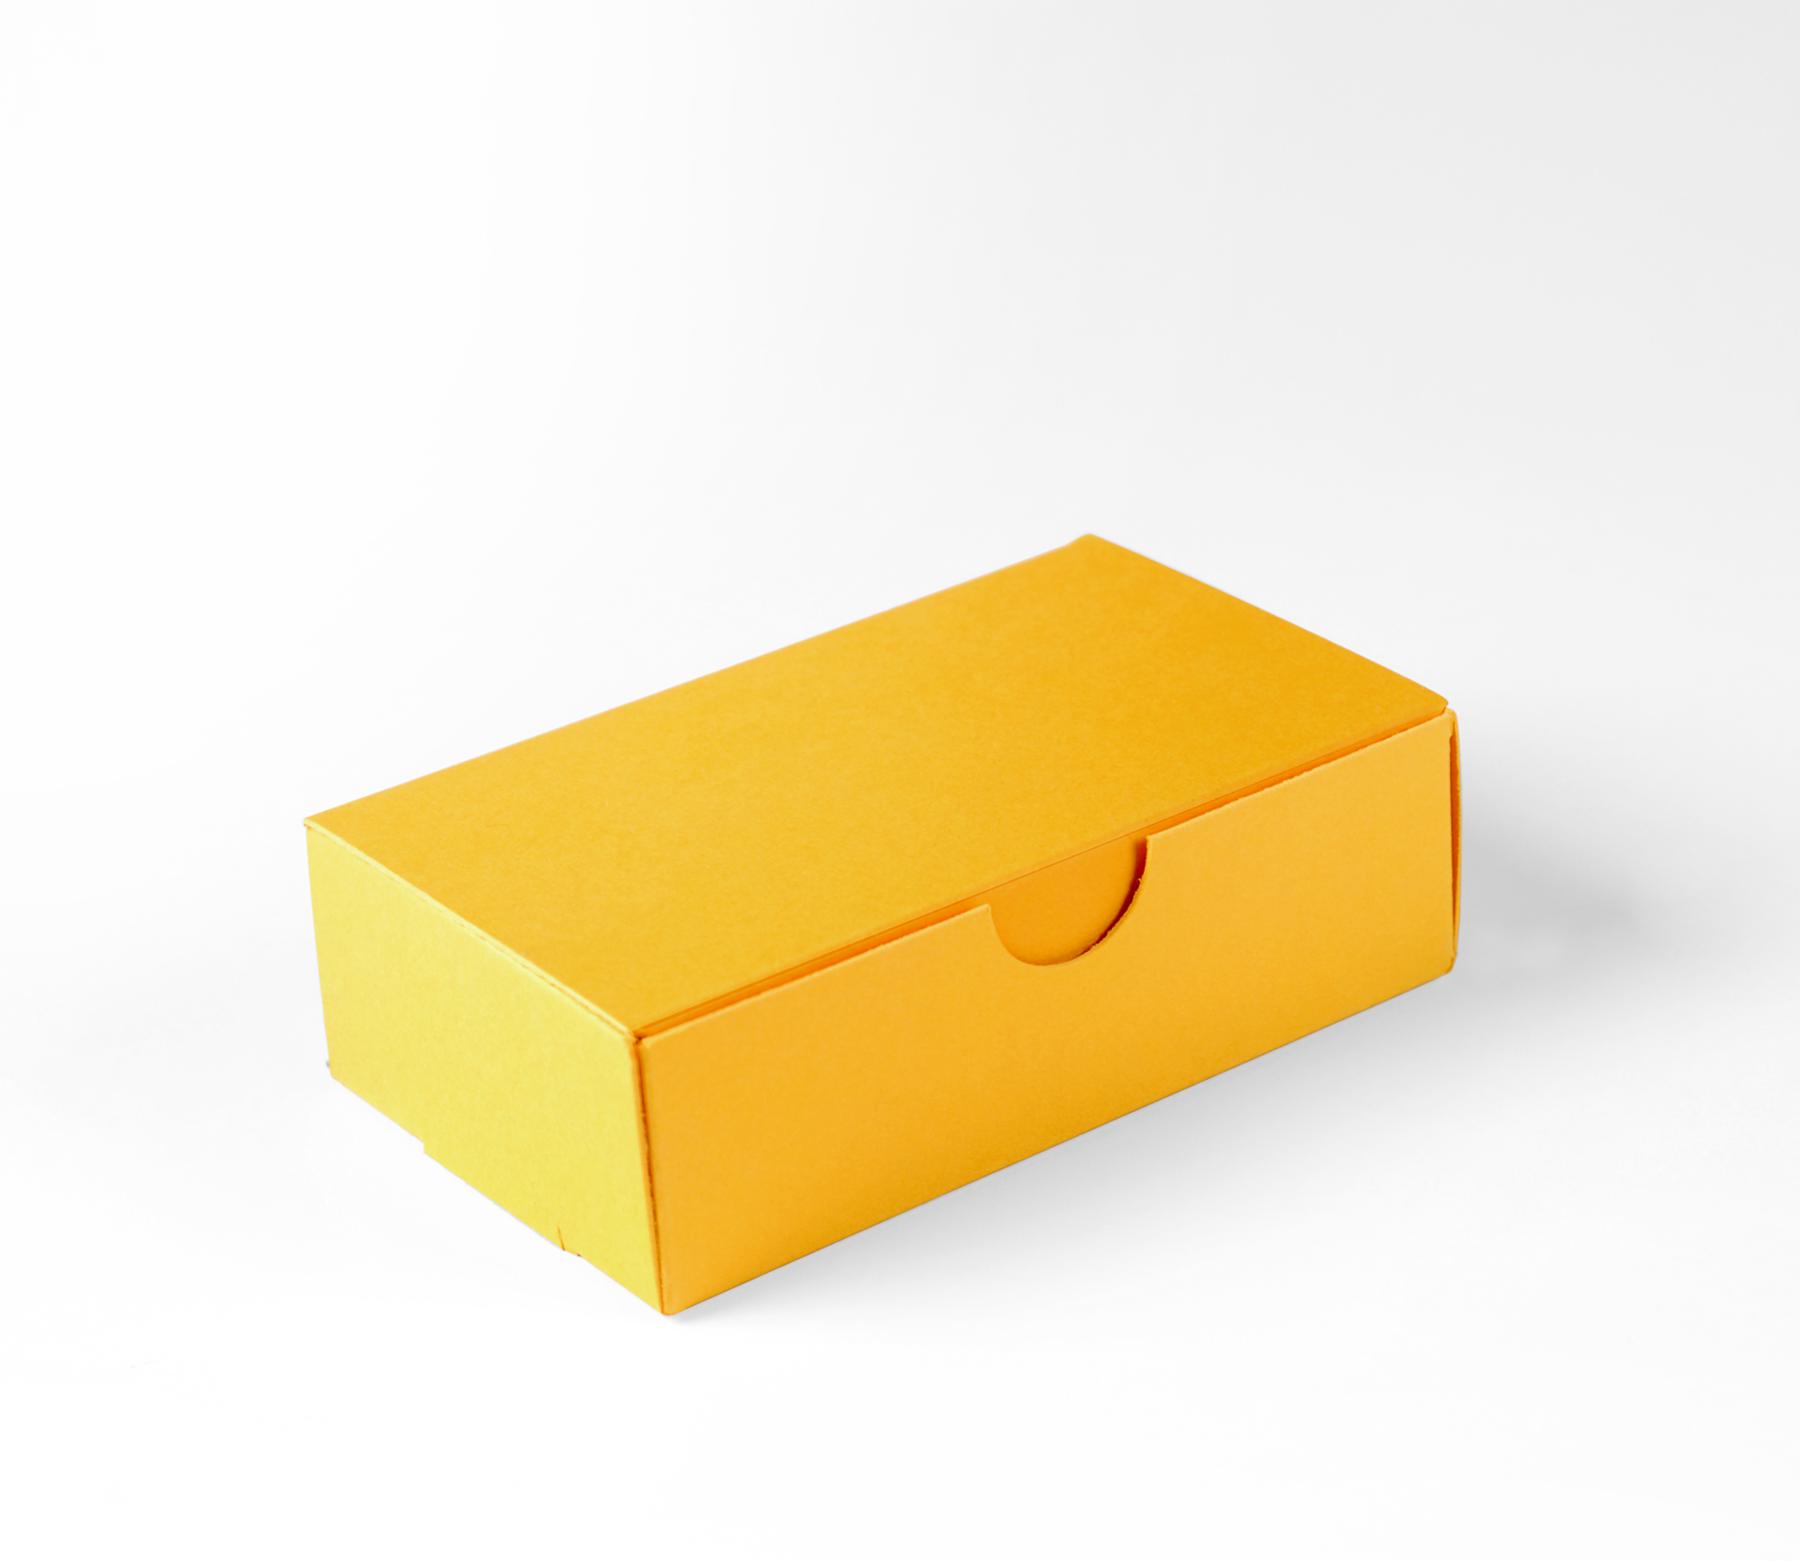 Cajas Para Bombones Sin Pedido Min Mo Selfpackaging ~ Cajas De Carton Decorativas Grandes